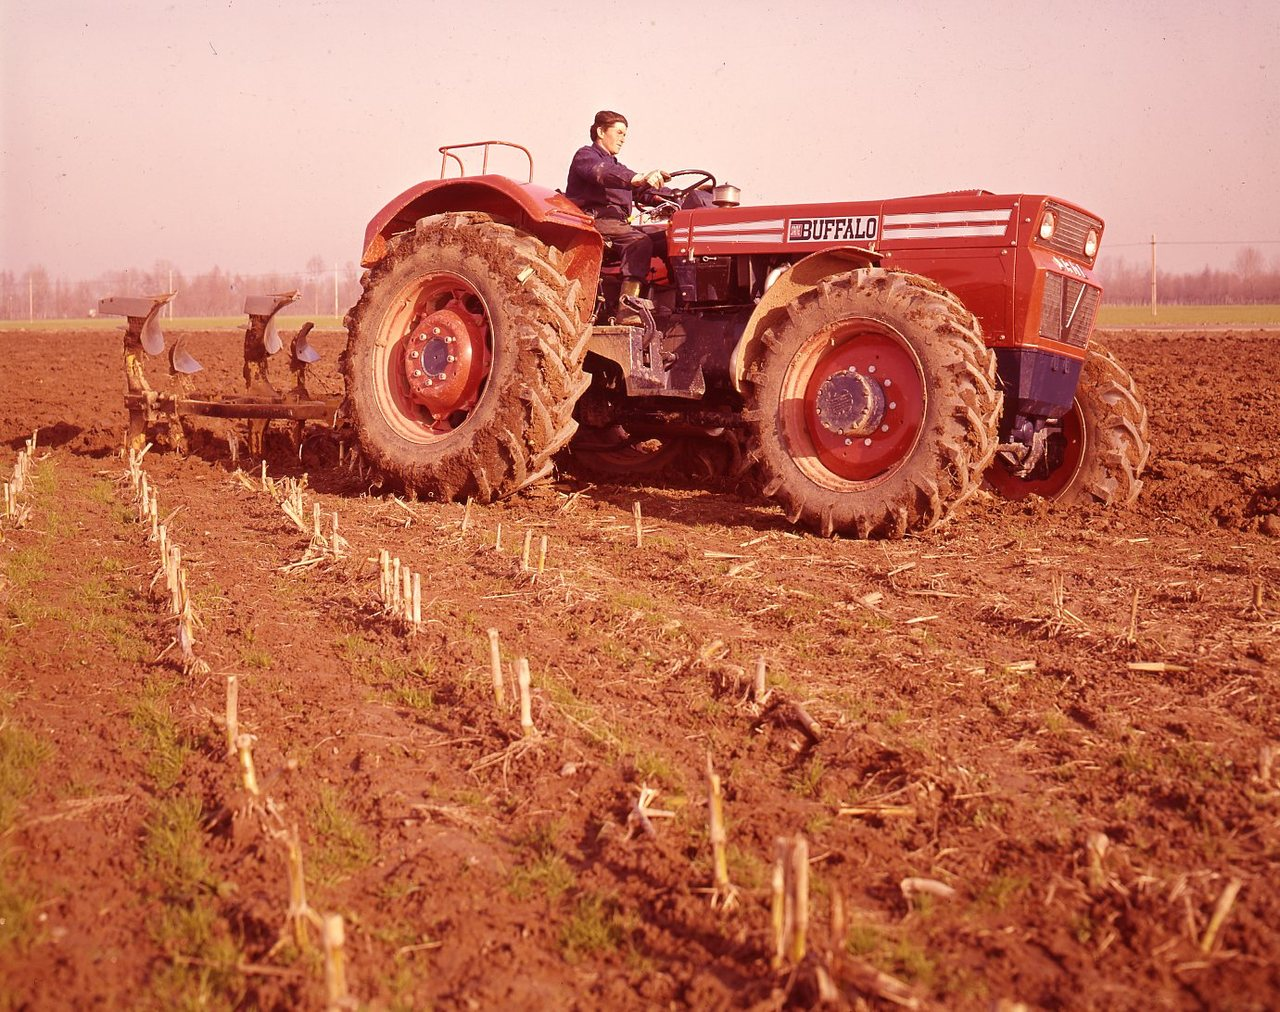 [SAME] trattore Buffalo al lavoro con aratro